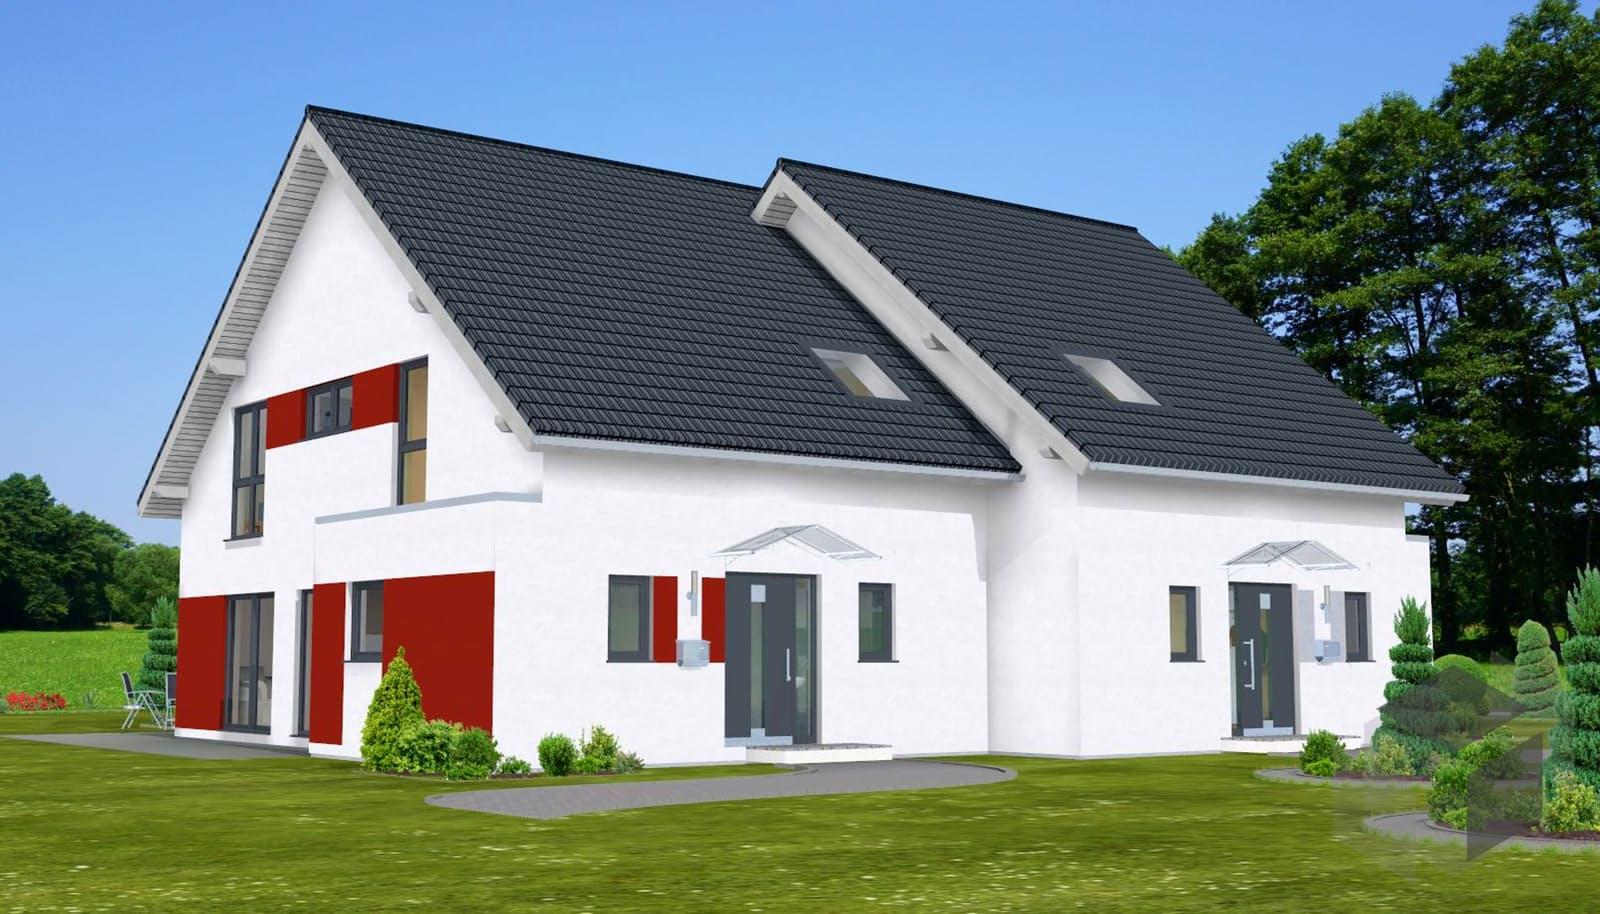 twin house 123 inactive von zimmermann haus komplette daten bersicht. Black Bedroom Furniture Sets. Home Design Ideas